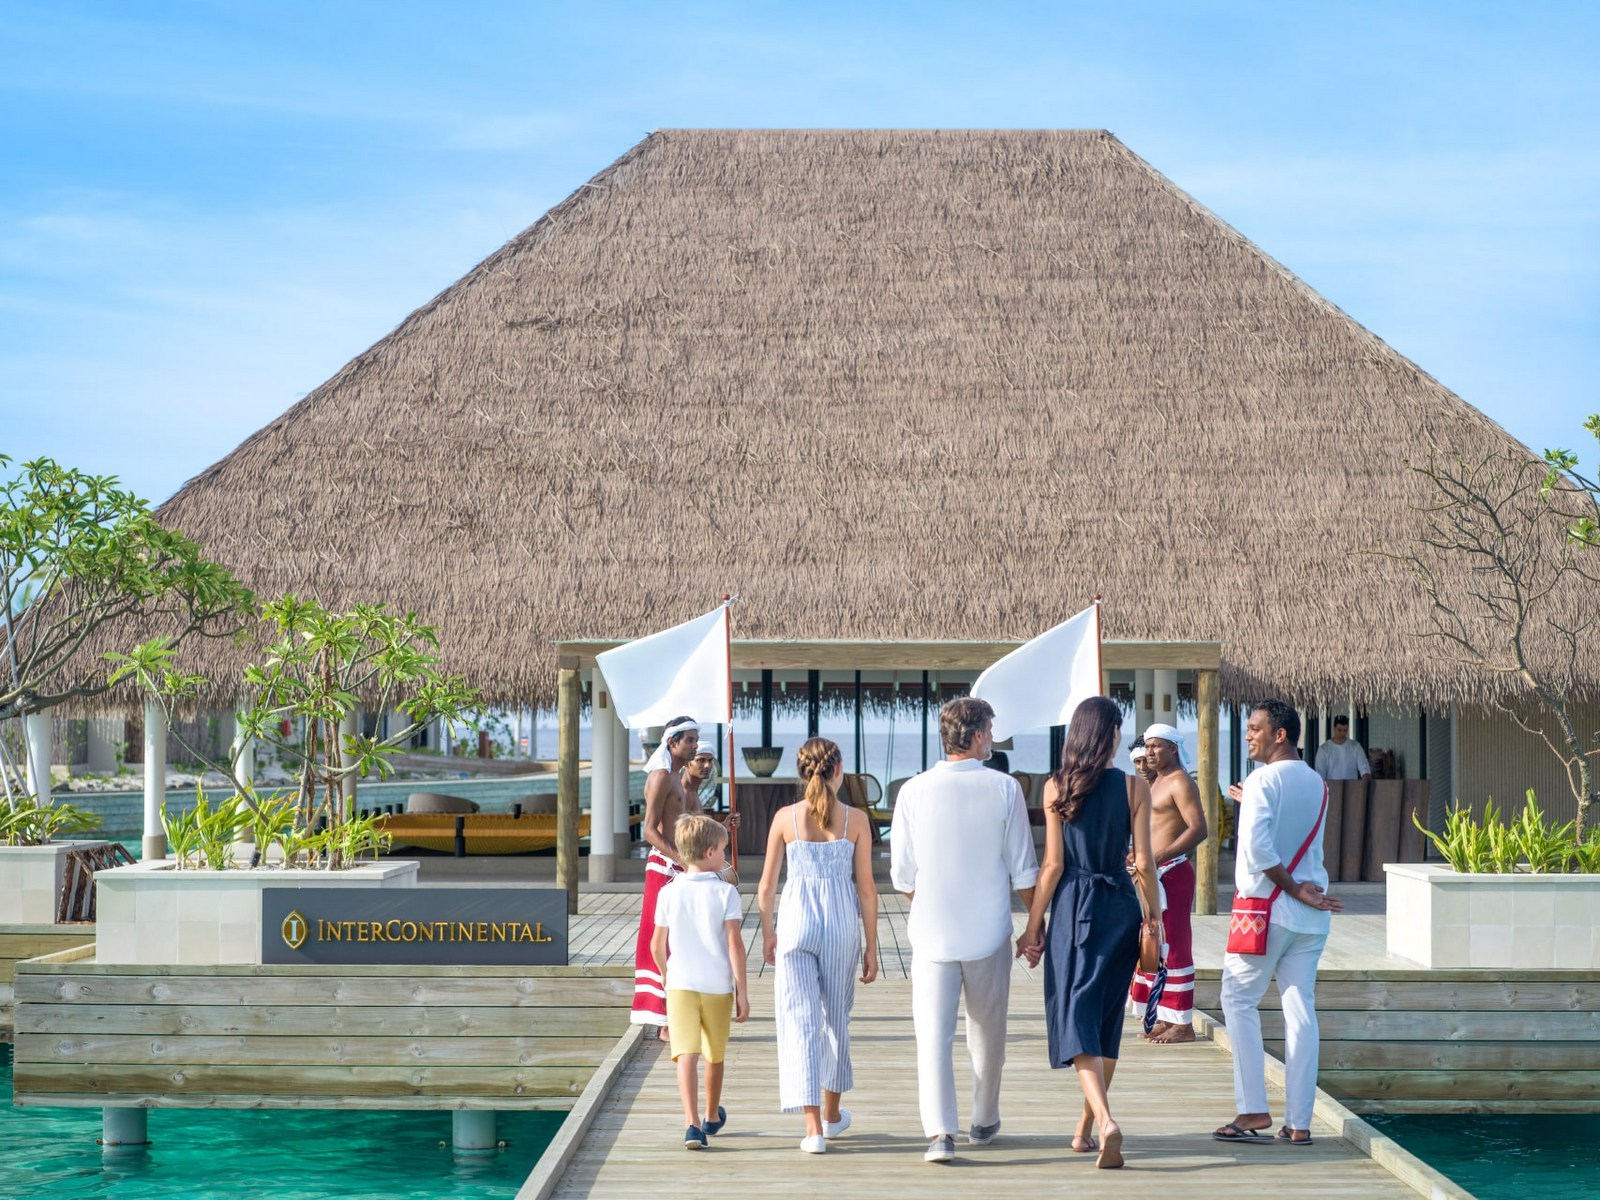 Мальдивы, отель Intercontinental Maldives Maamunagau, прибытие